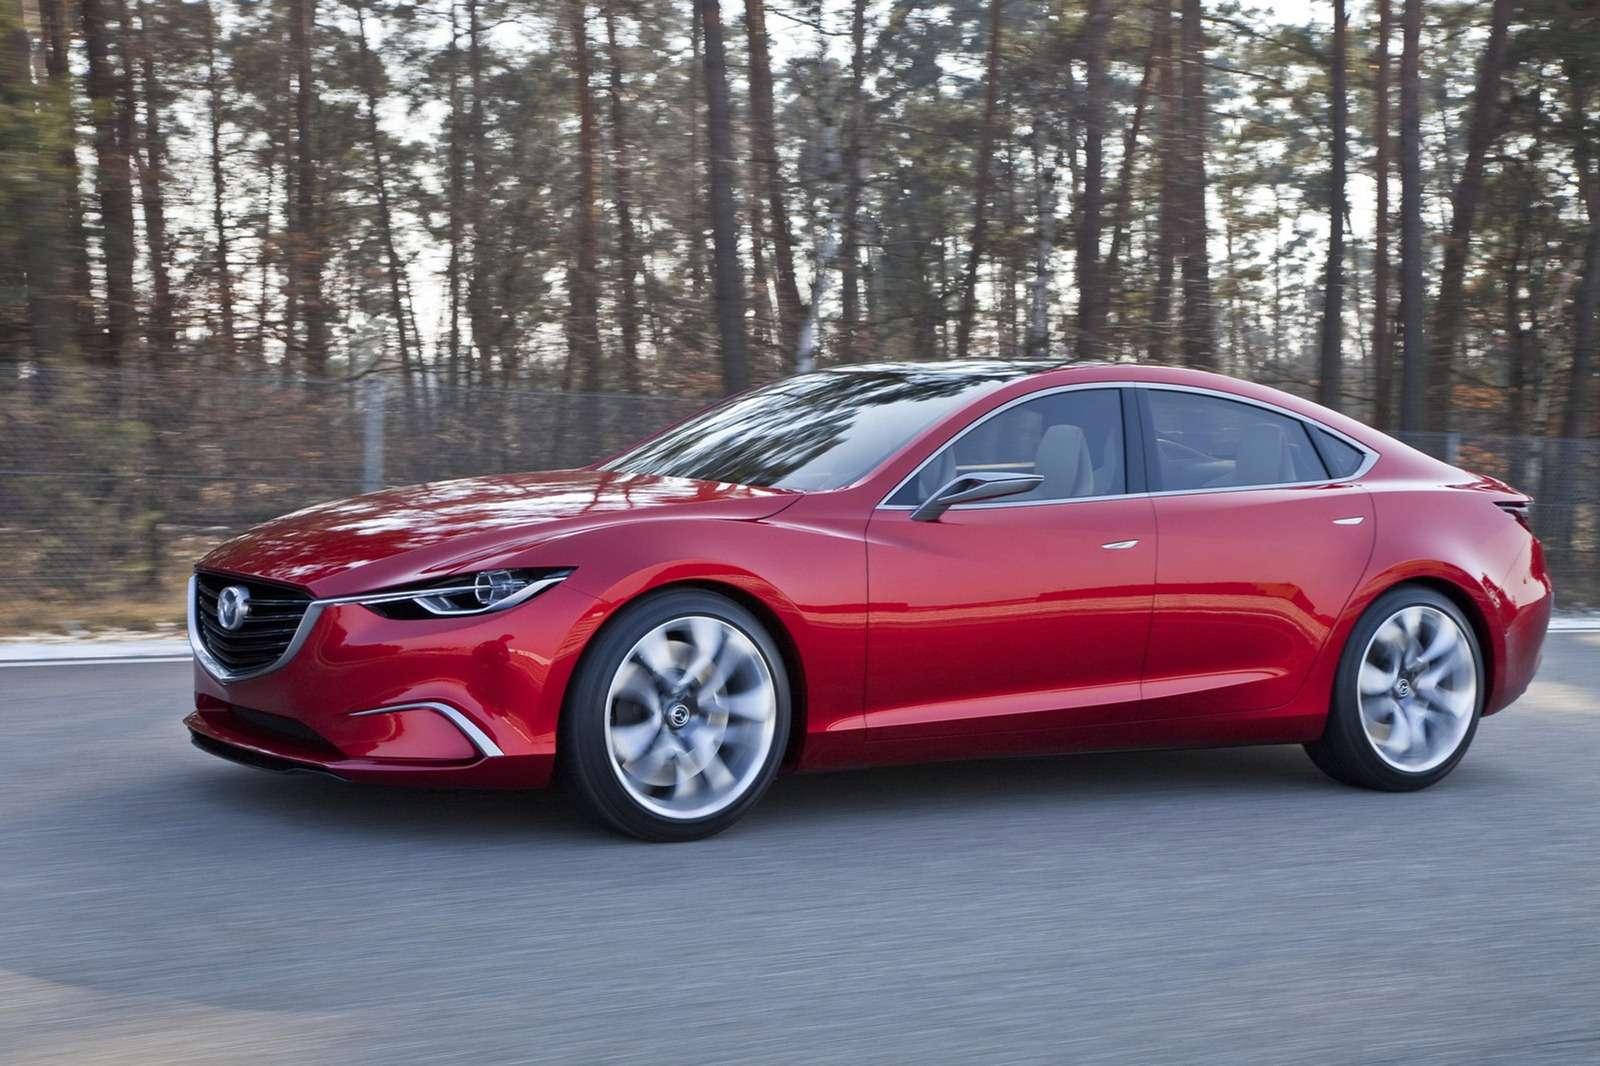 Mazda Takeri Koncept luty 2012